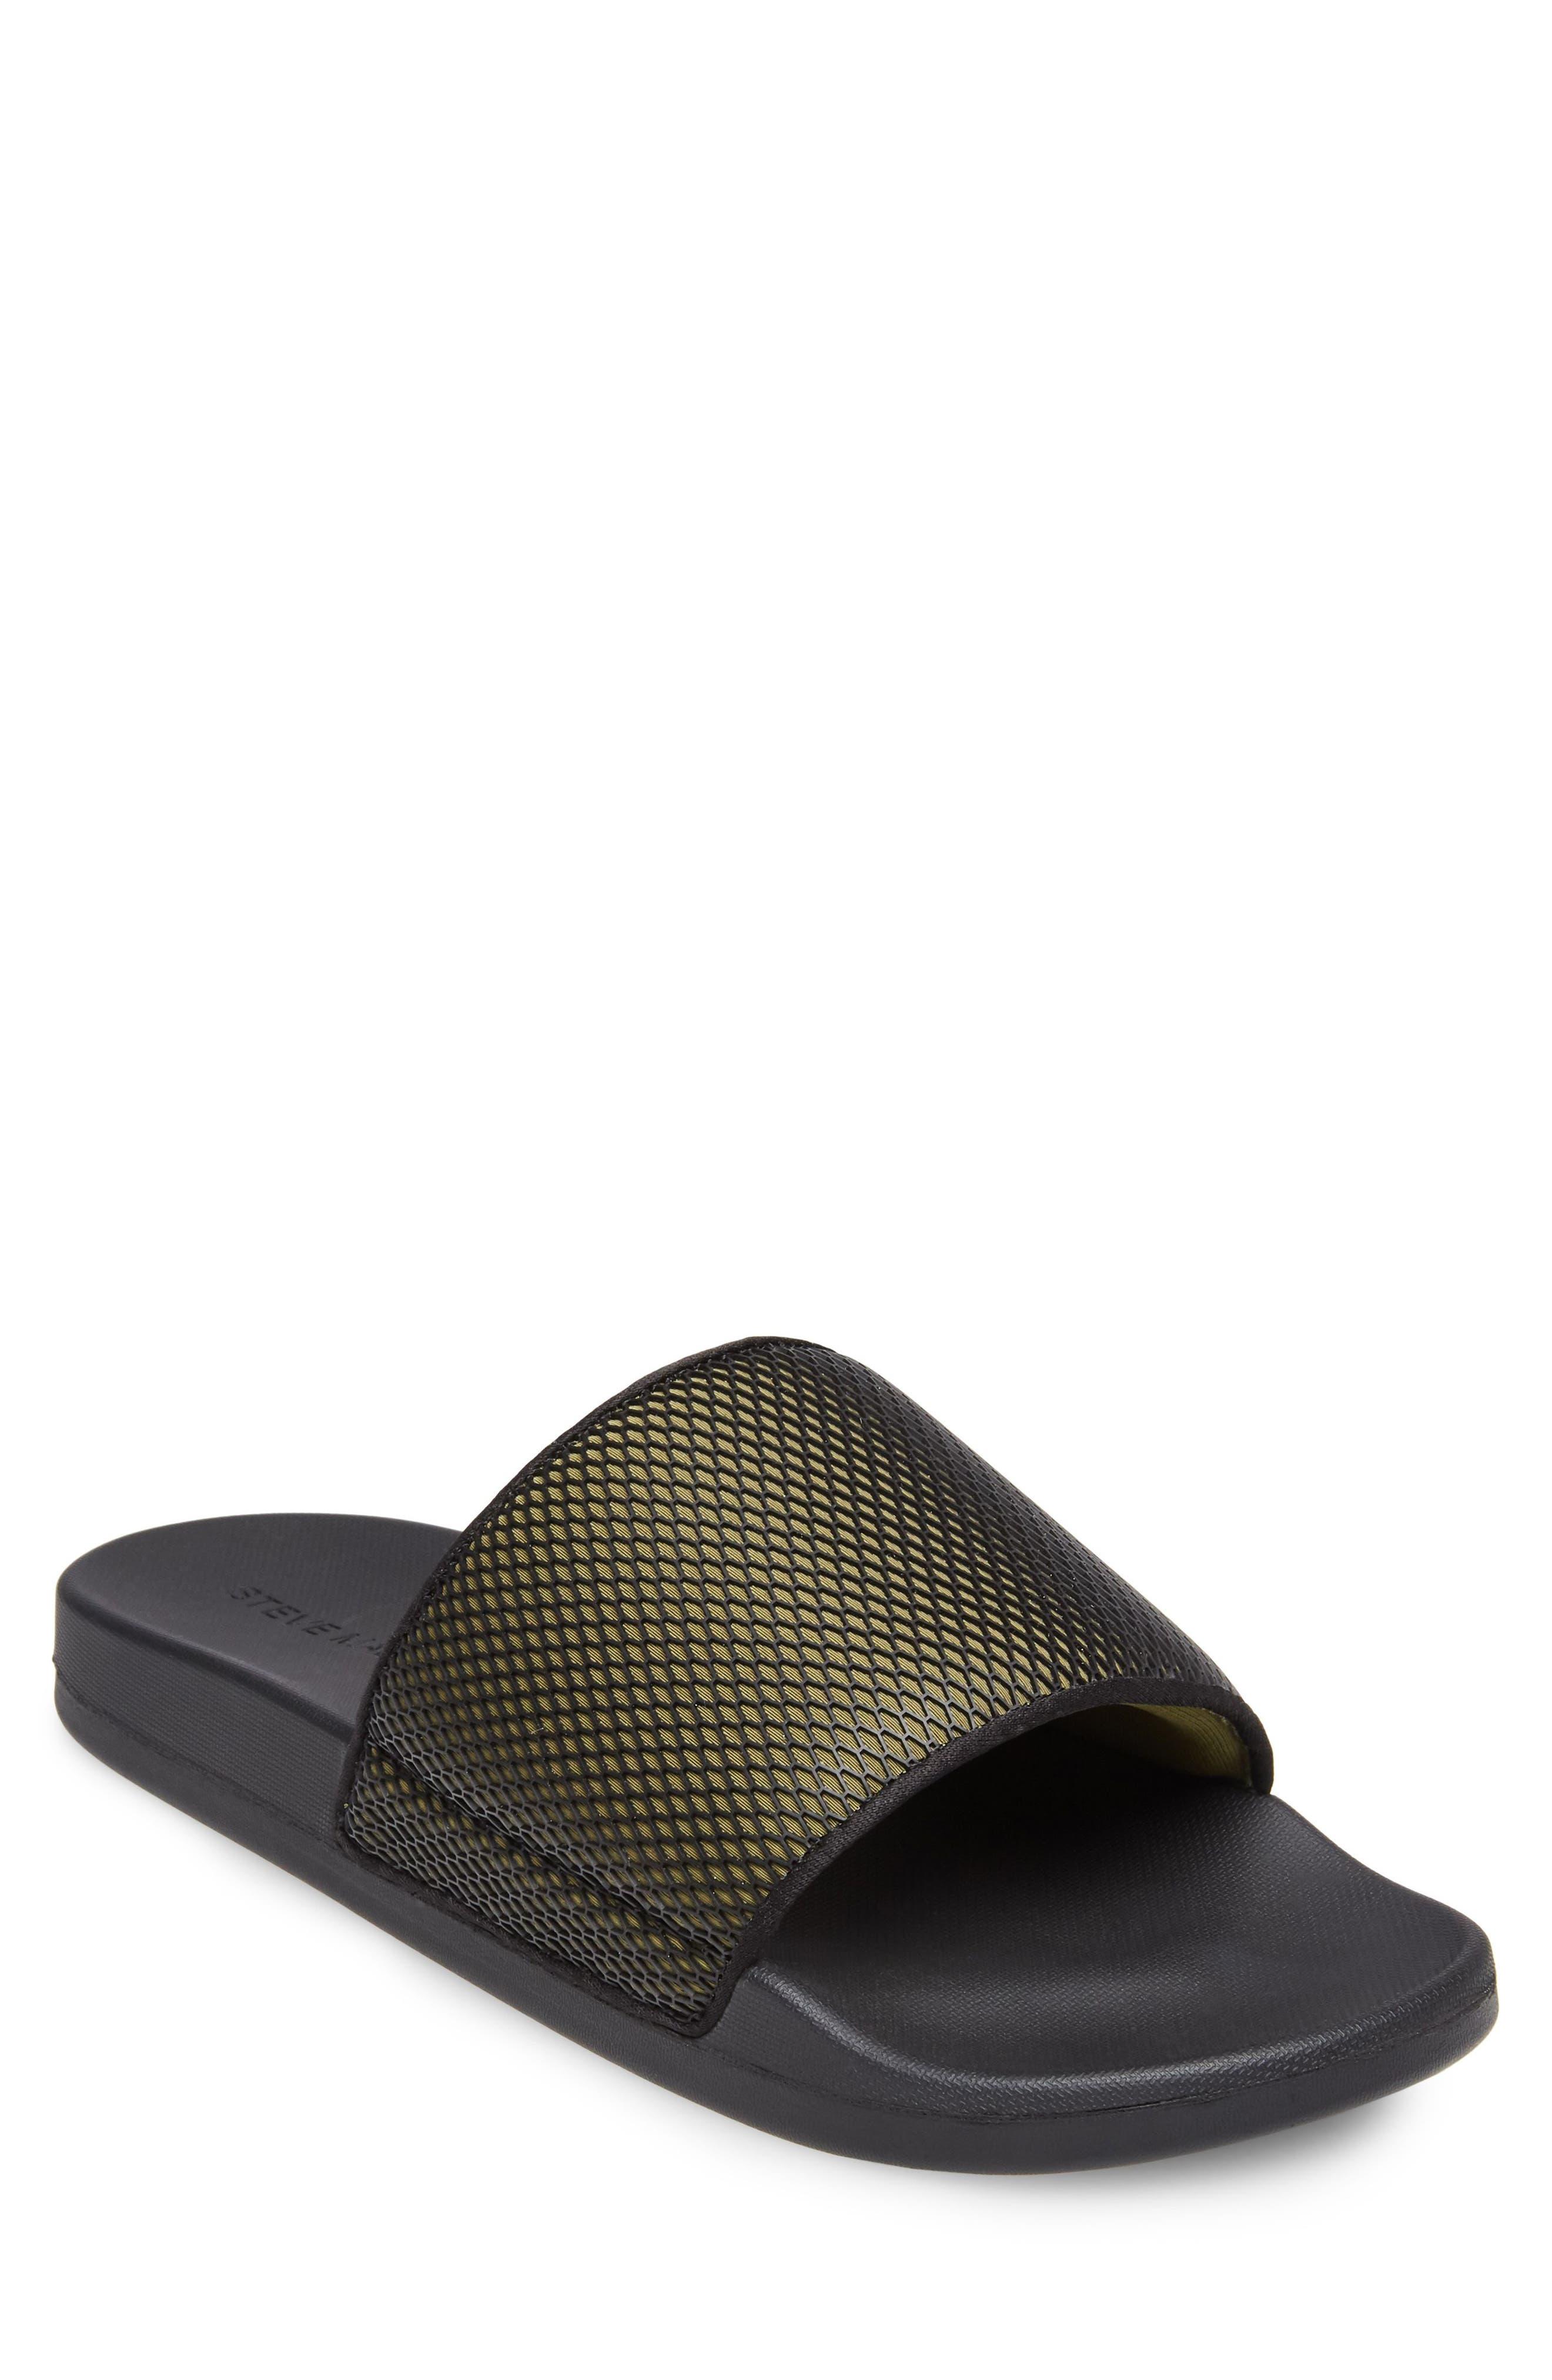 Steve Madden Ransom Slide Sandal (Men)